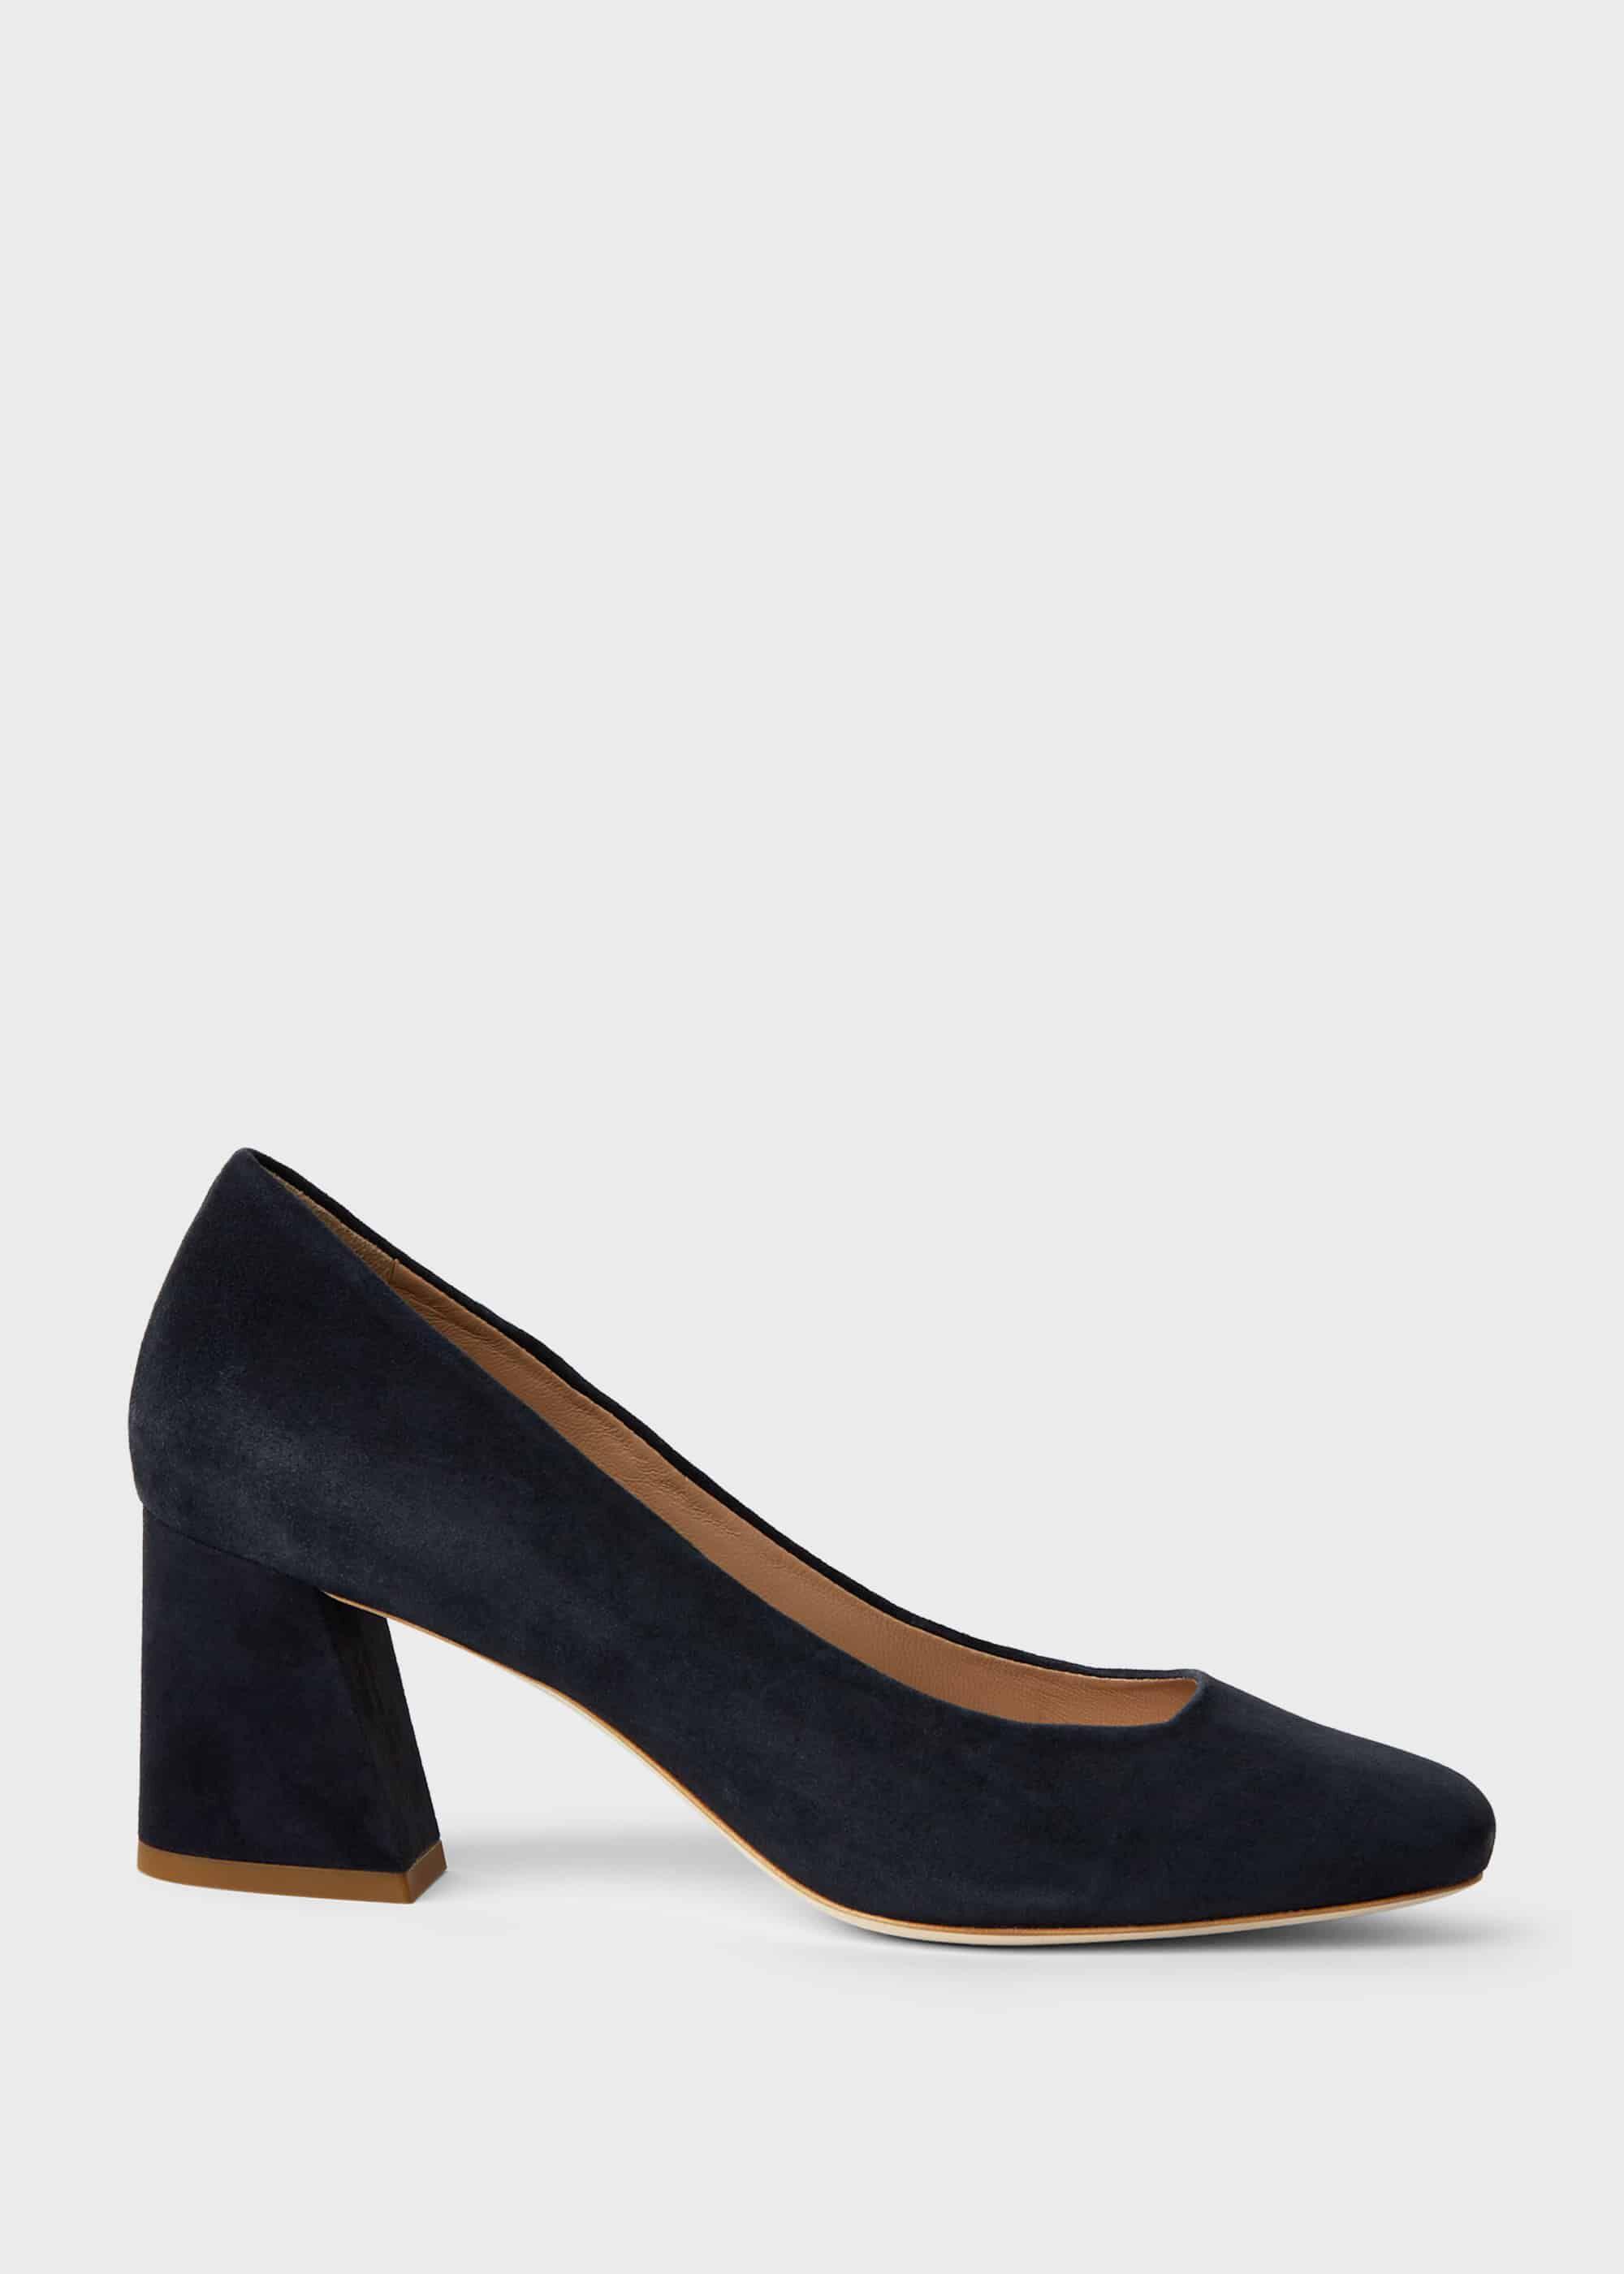 Sale Shoes \u0026 Boots | Women's Courts